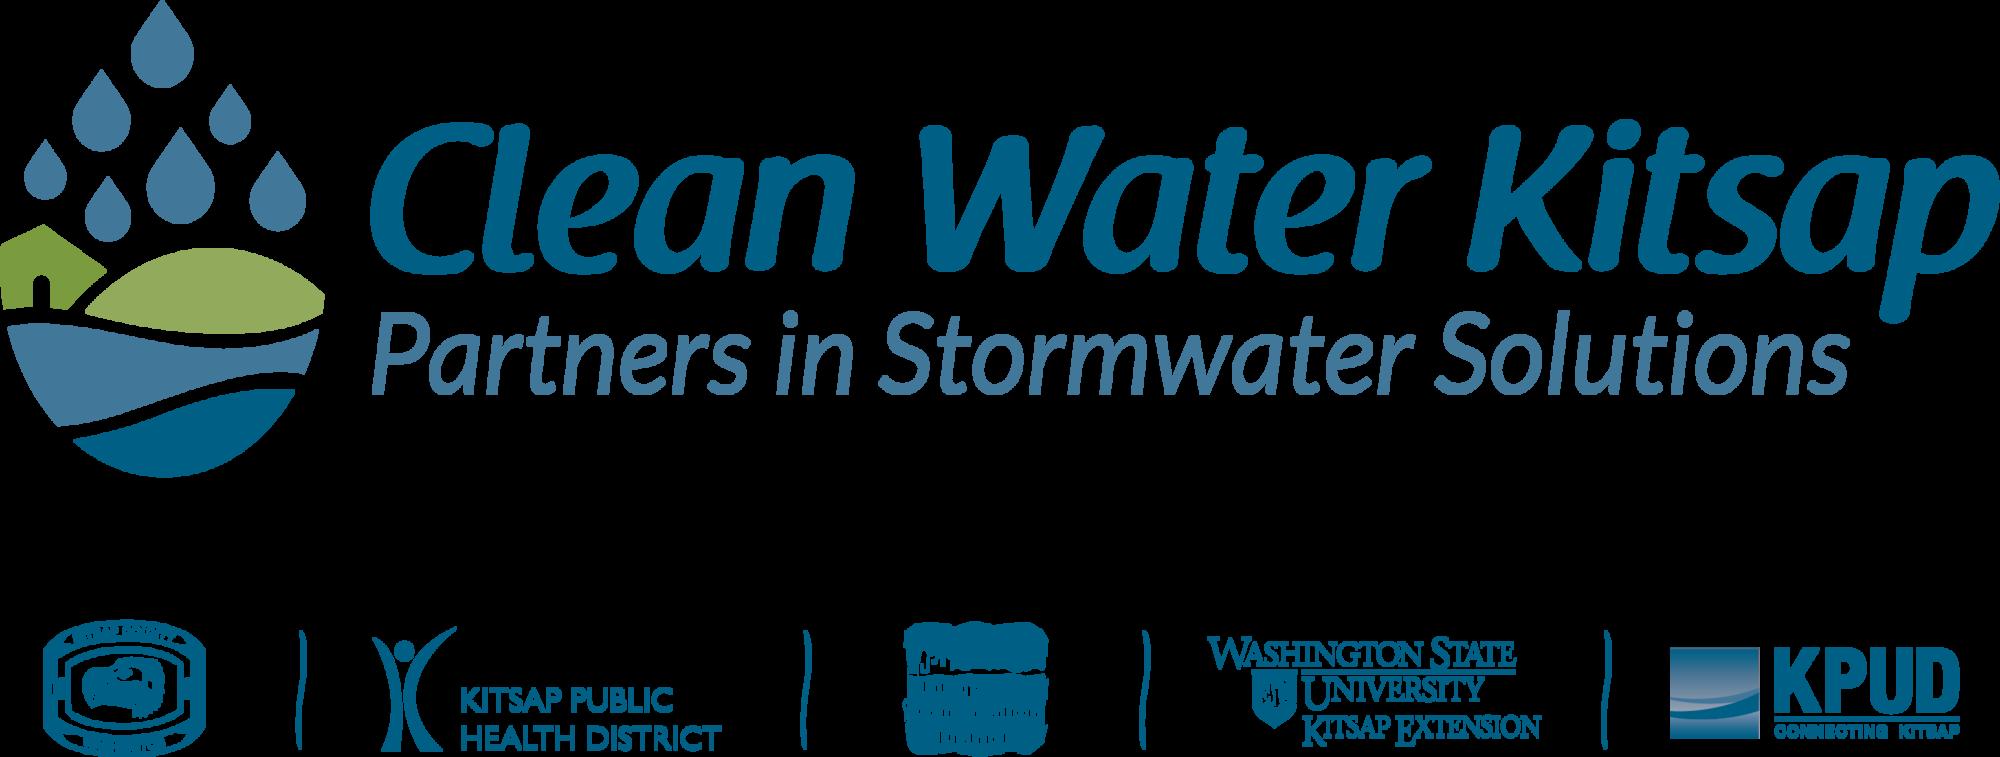 Clean Water Kitsap logo